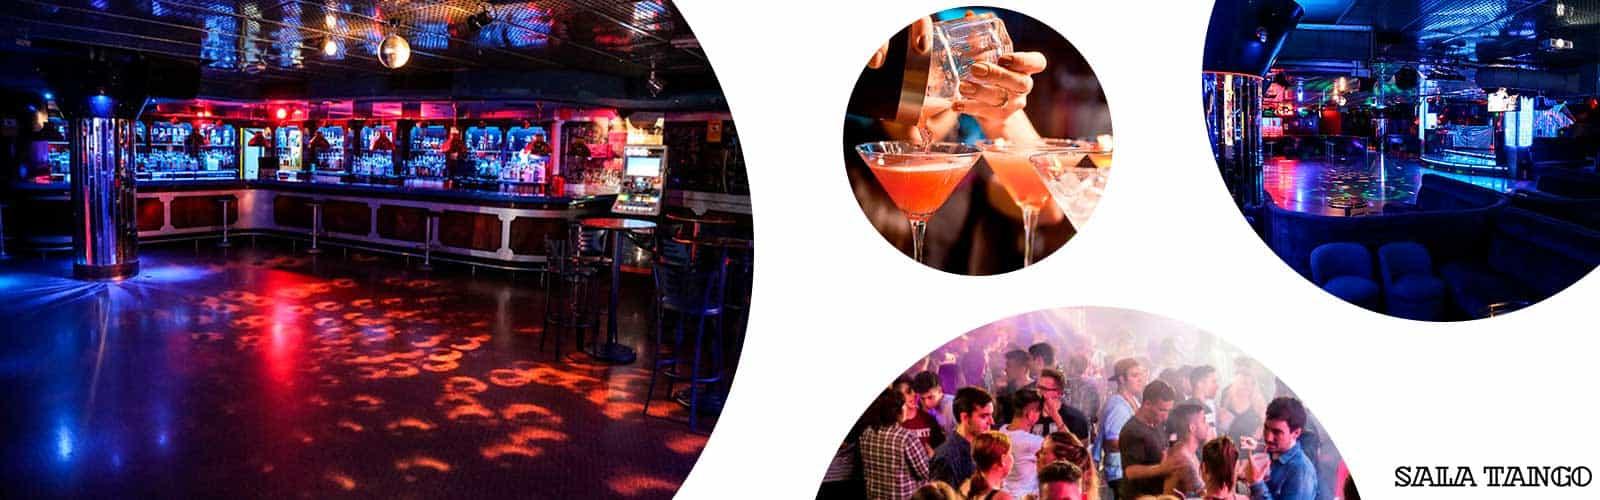 Nightclub Sala Tango Barcelona